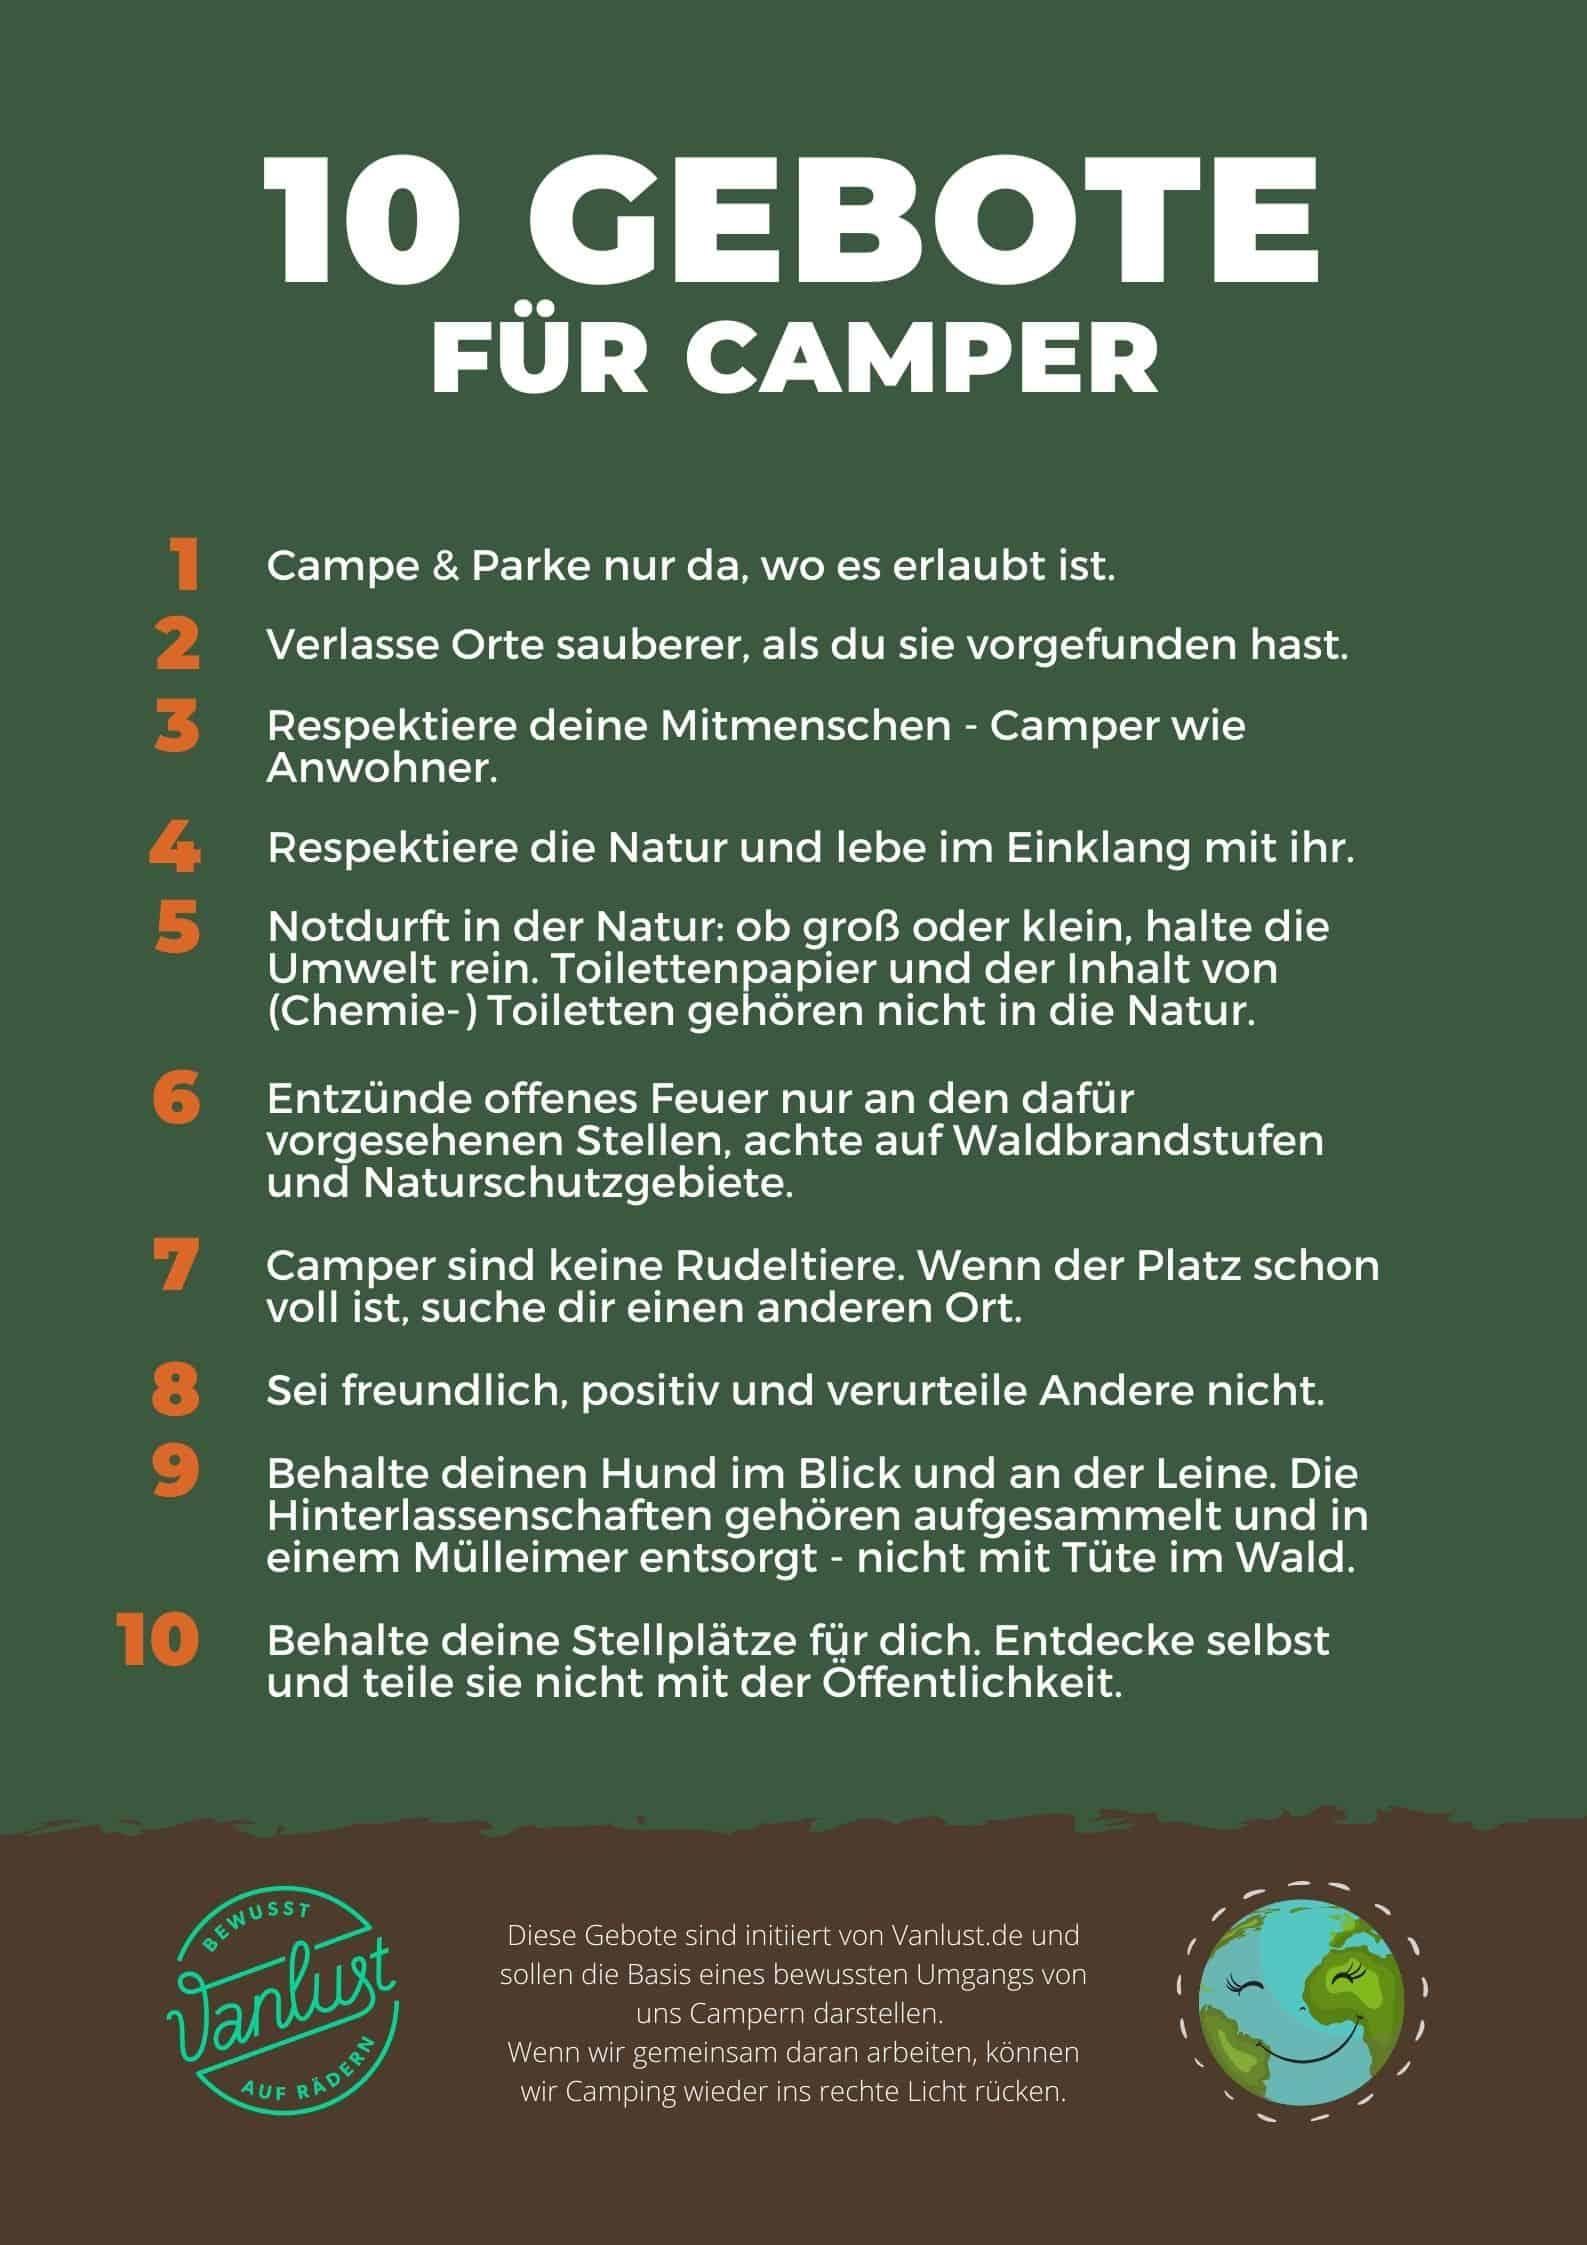 10 Gebote für Camper